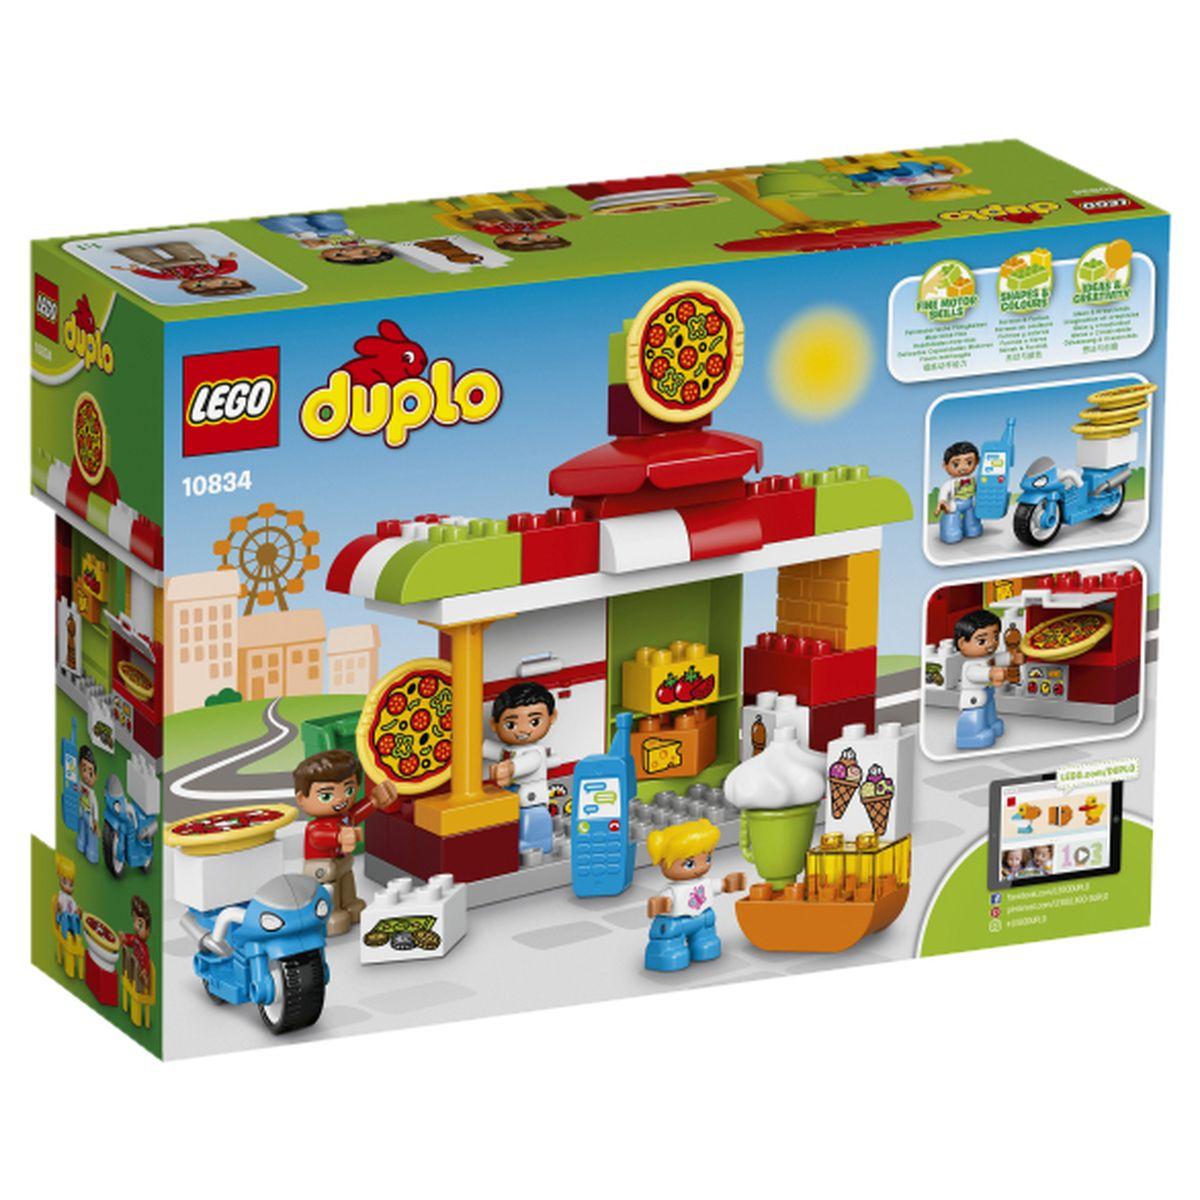 Calendrier Avent Duplo.Lego Duplo 10834 La Pizzeria